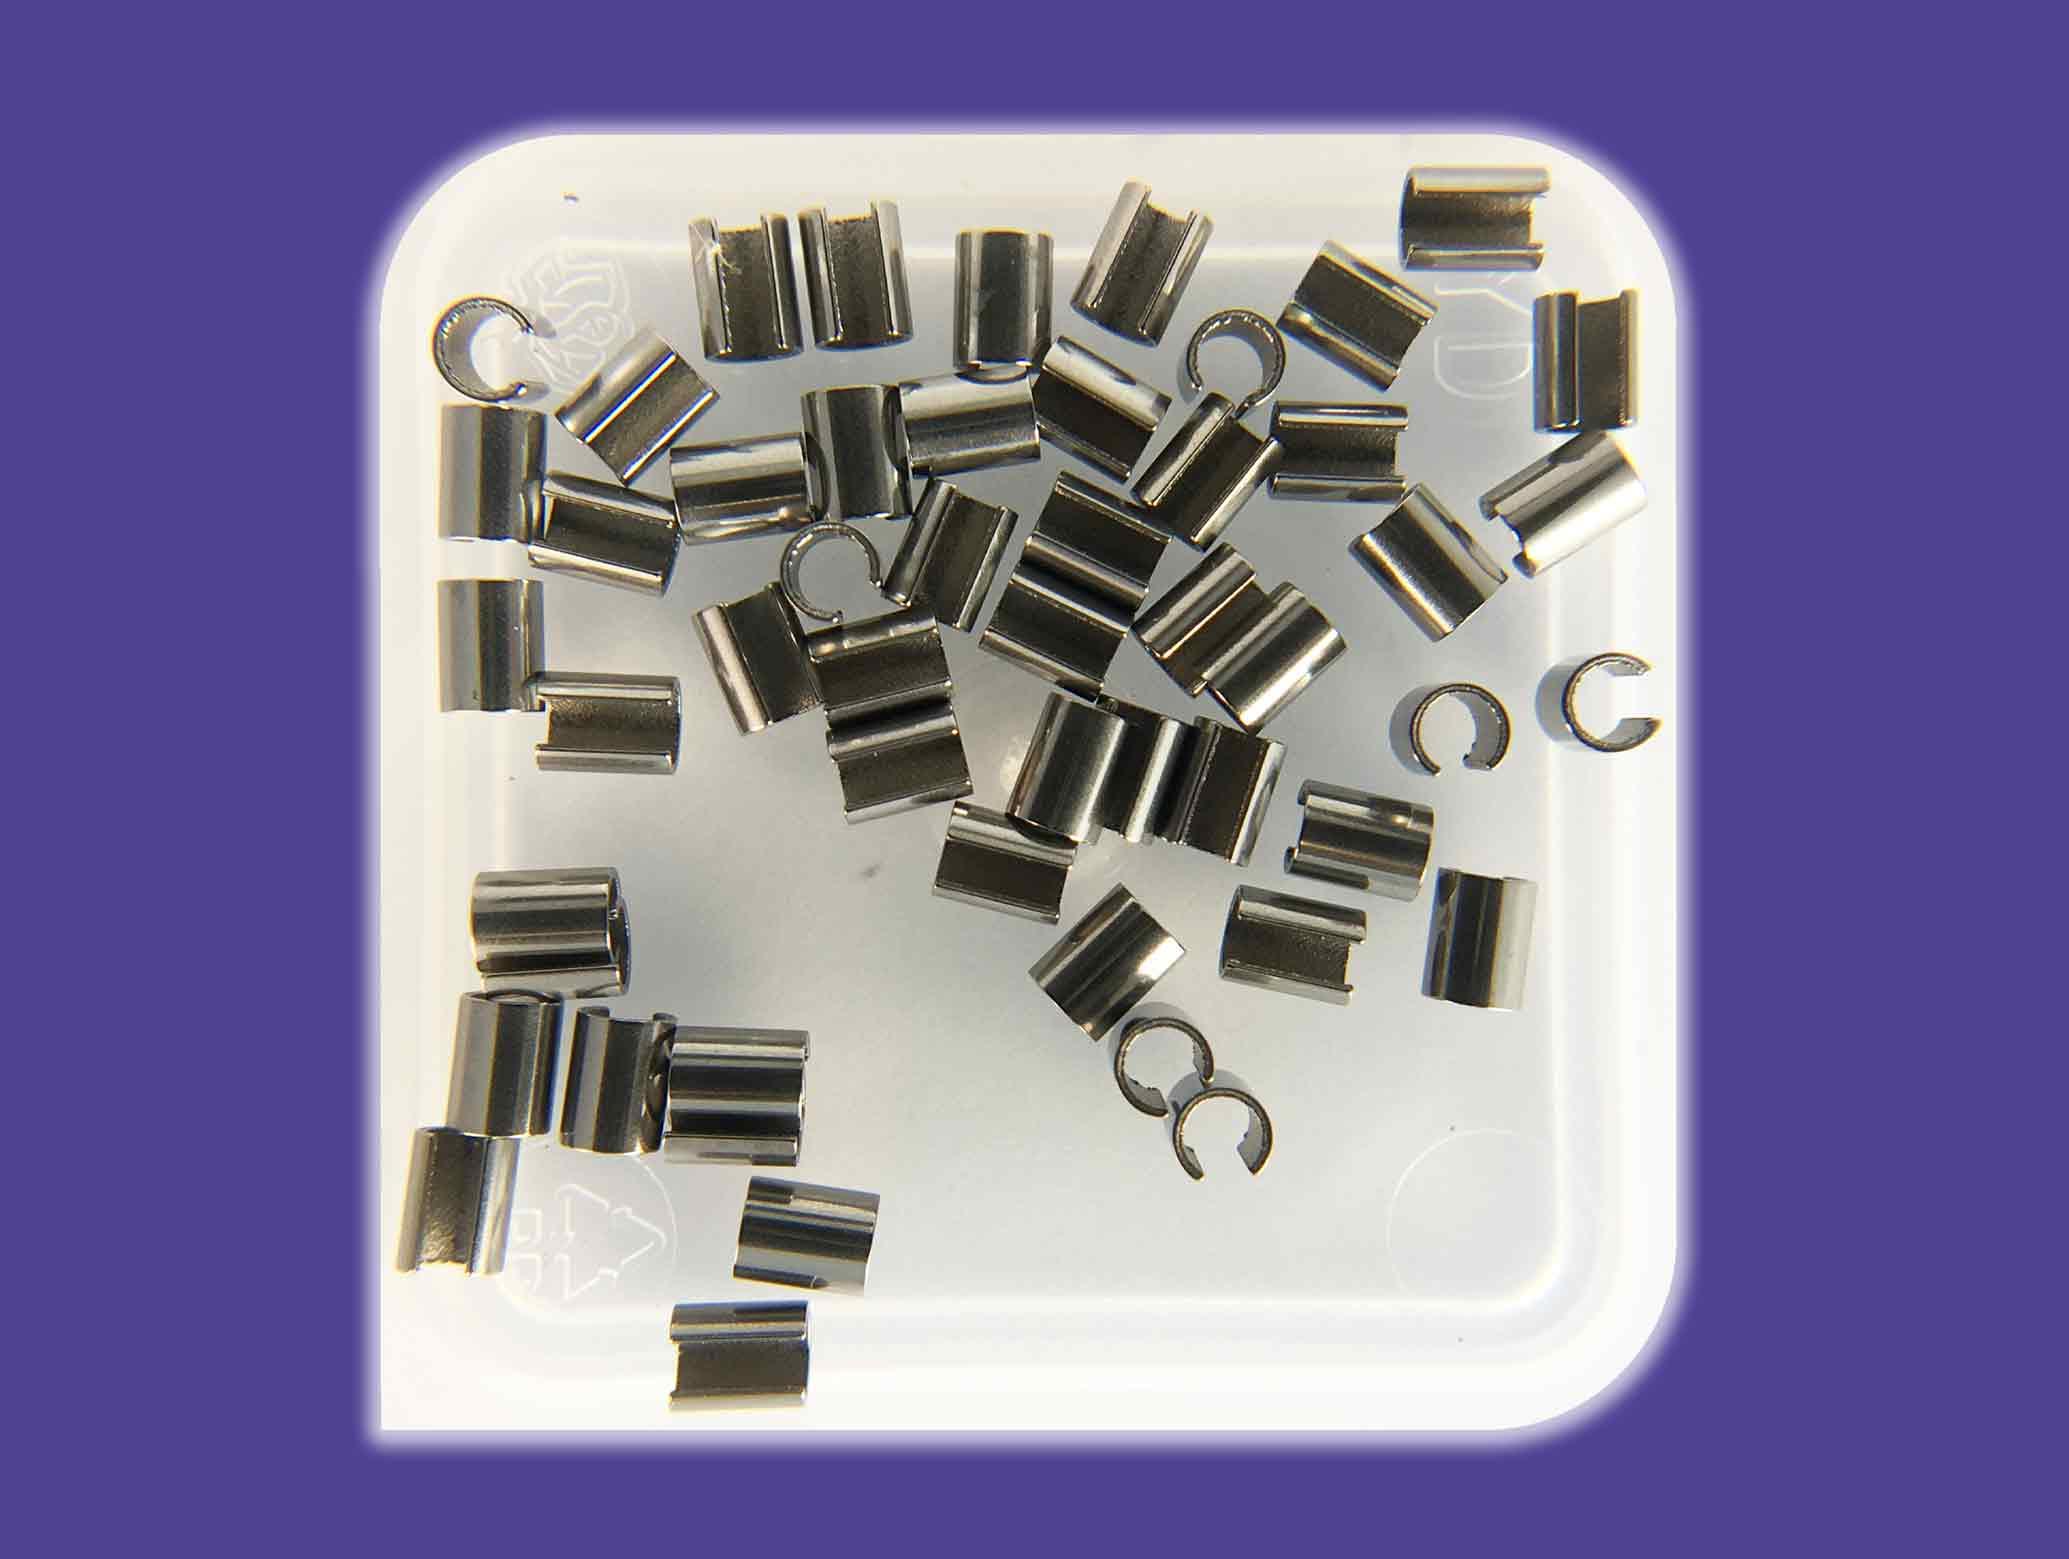 """SMT-Präzisionsröhrchen Coil reactivating clips RC01Innendurchmesser 1,5 mm / 0.06"""" Außendurchmesser 1,9 mm Länge 2,5 mm"""